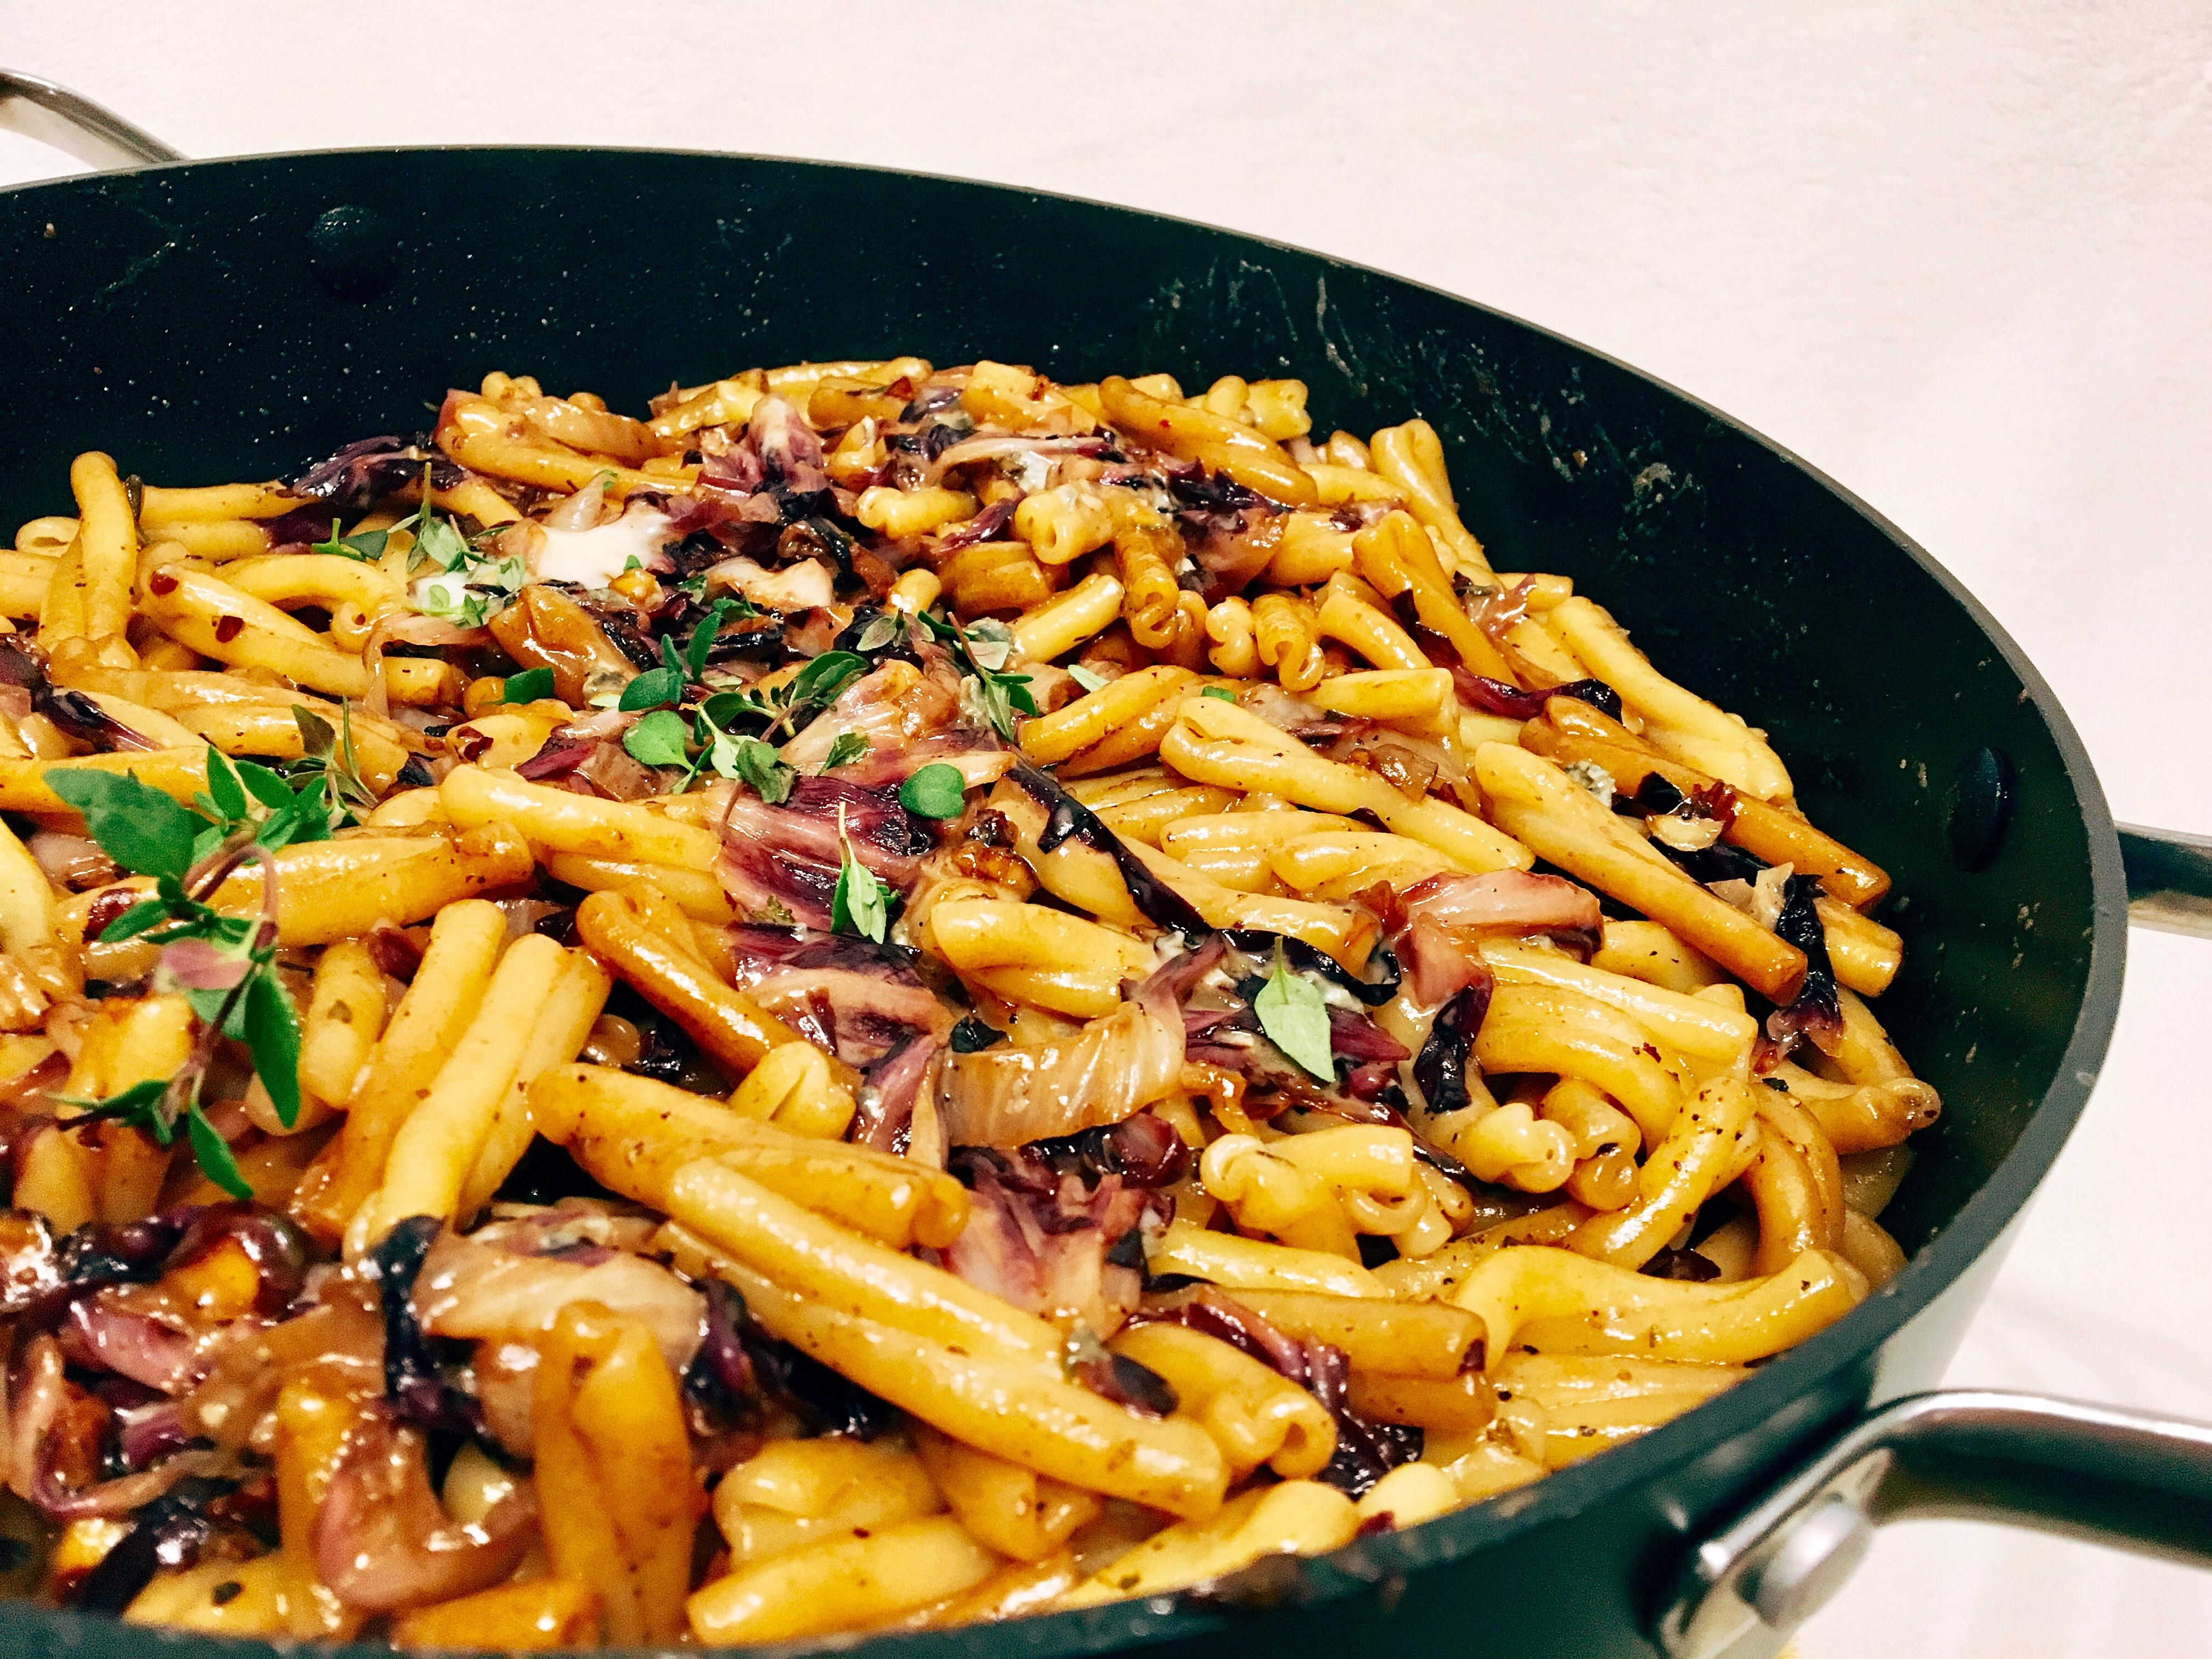 Pasta mit Radicchio, Haselnüssen und Blauschimmelkäse, hier Gorgonzola